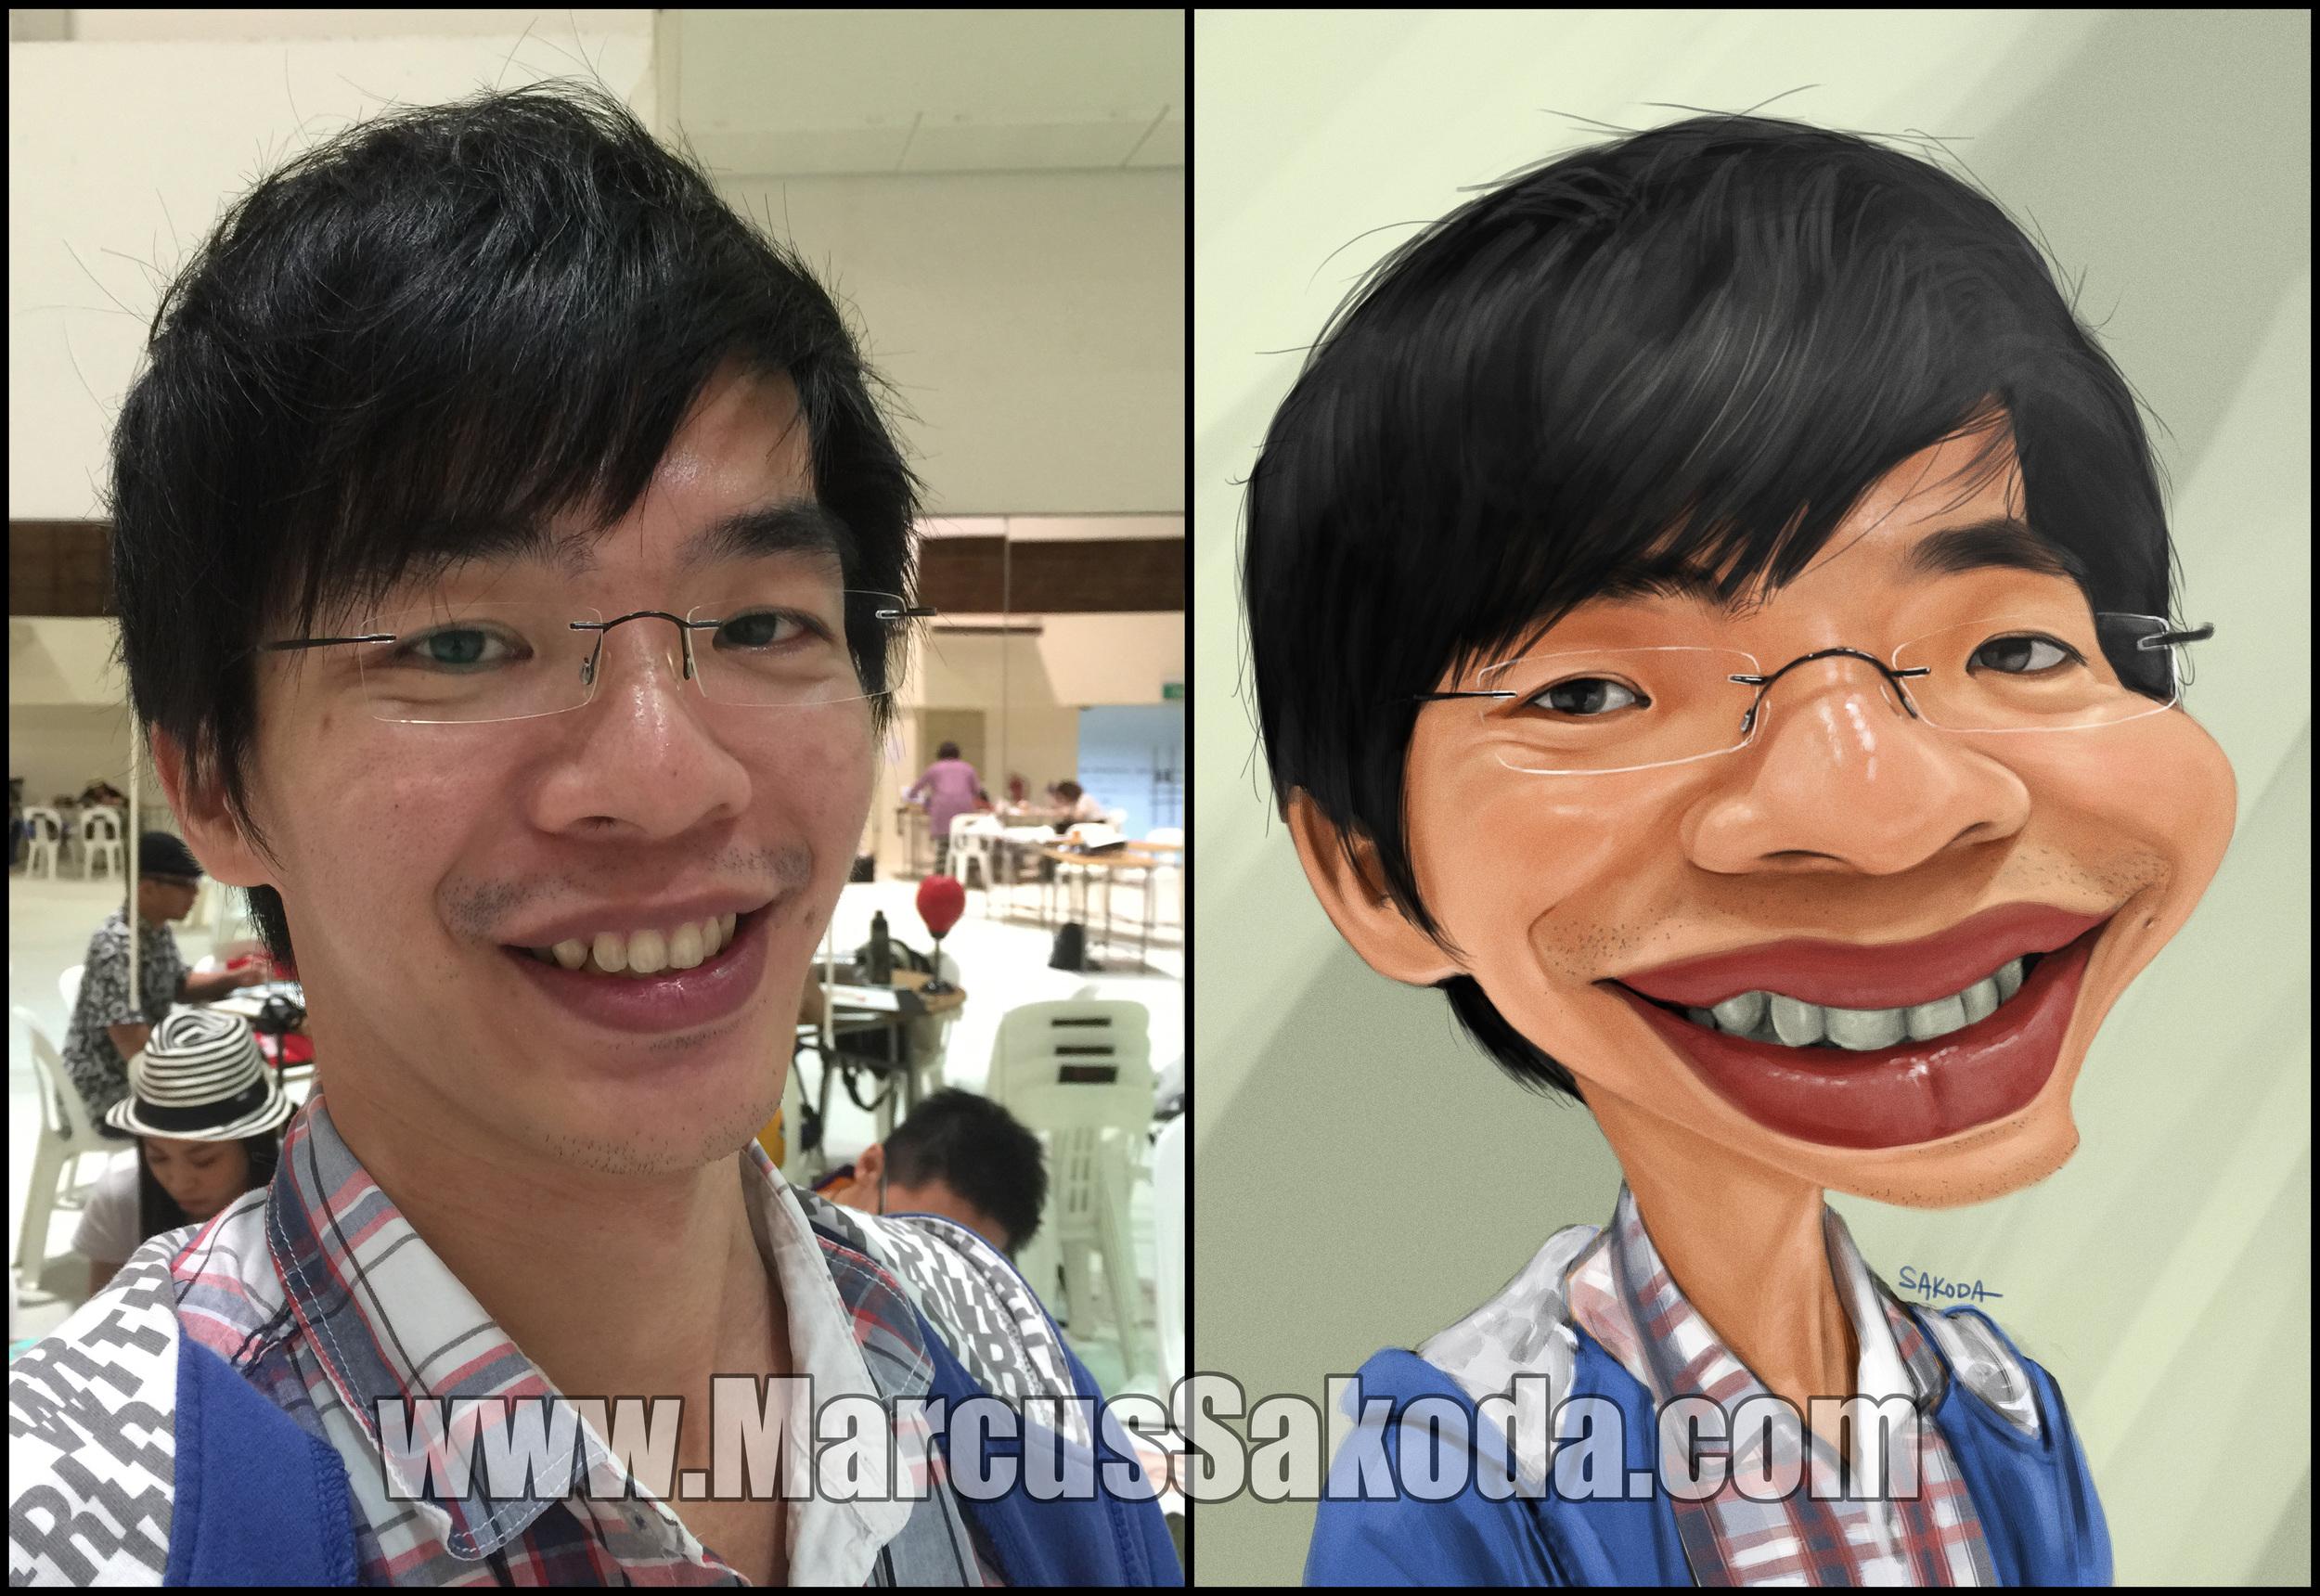 Triton Lim from  Malaysia